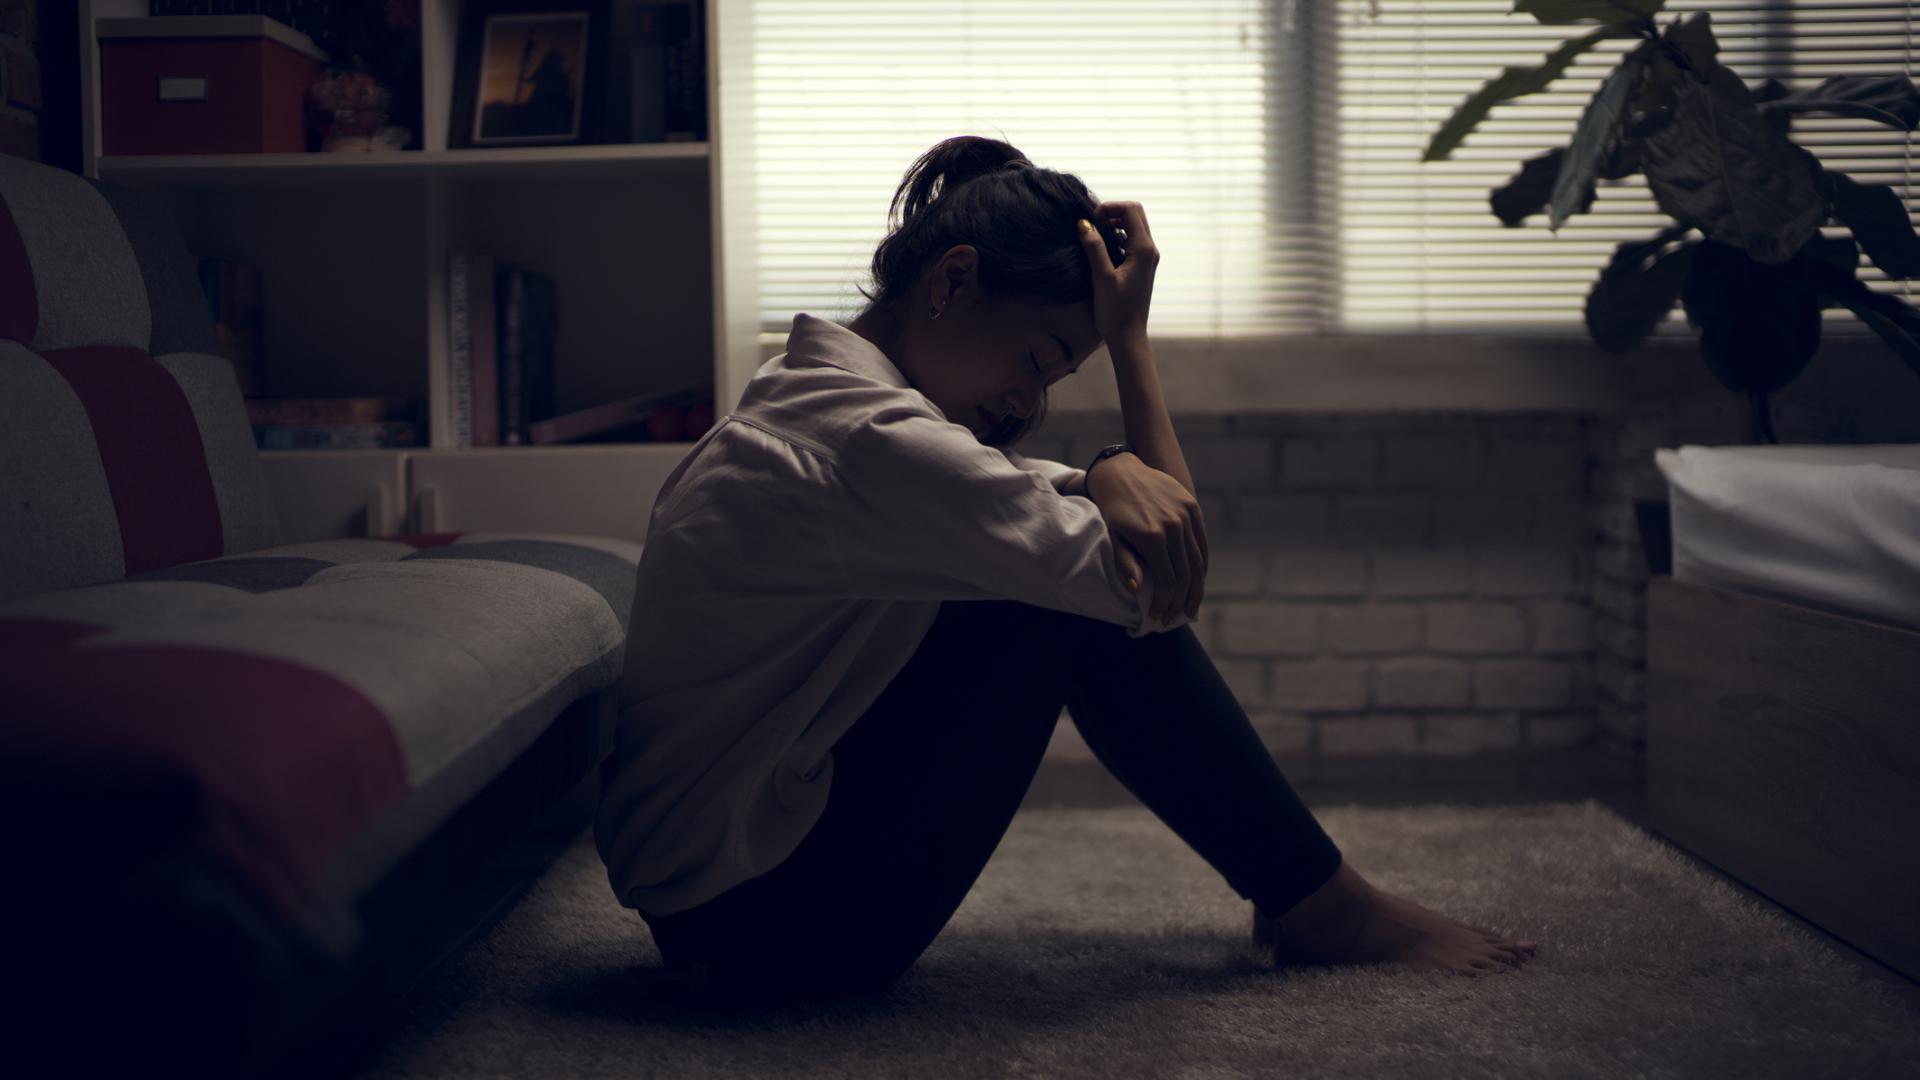 Метаанализ подтвердил связь одиночества с риском инфаркта и инсульта